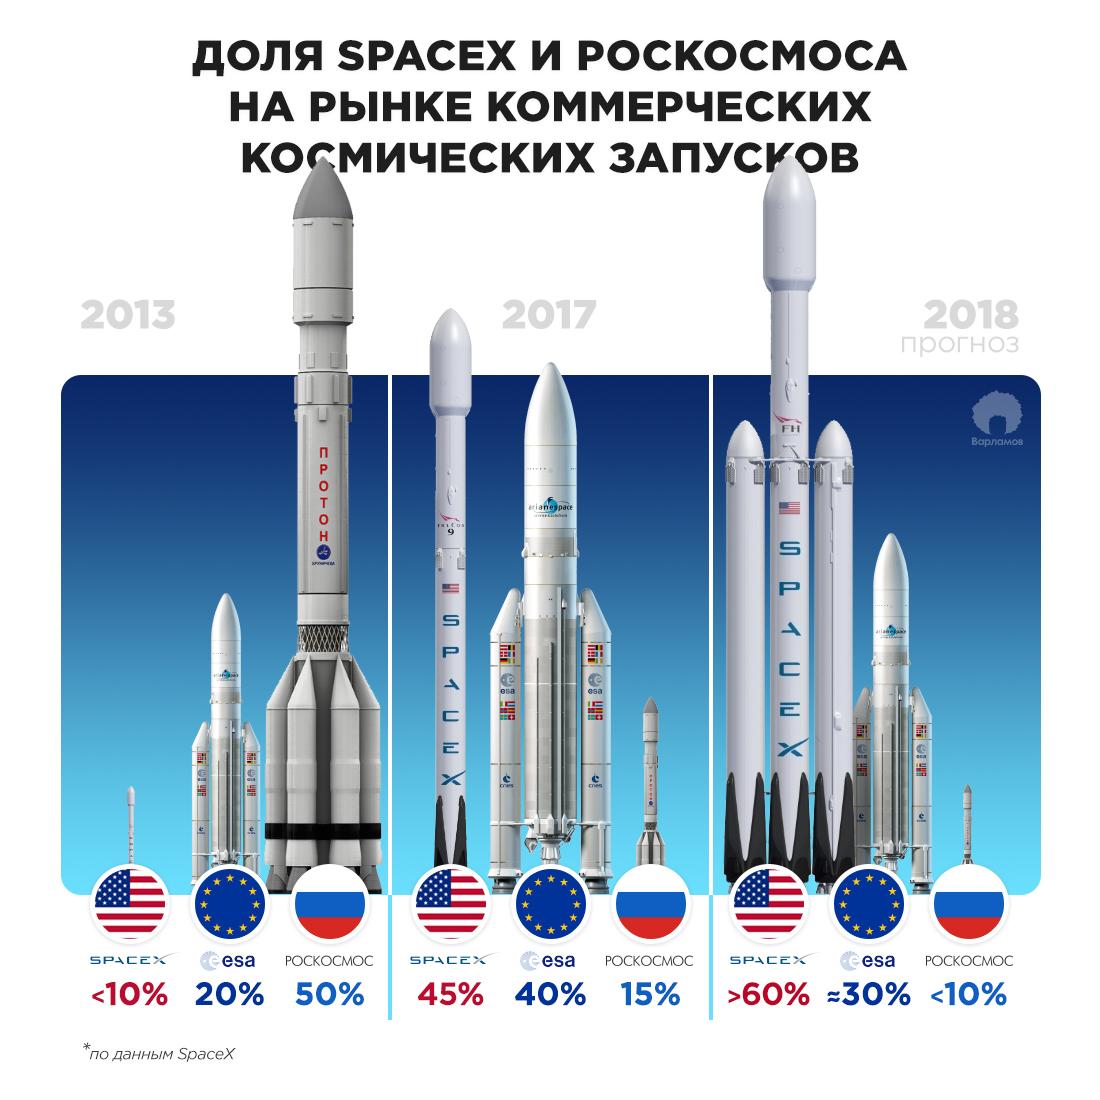 За космос! За Америку! Маска, купить, Россию, России, только, ракету, решил, долларов, собирался, Илона, миллионов, потому, Маску, SpaceX, космических, ракета, рынке, компания, Когда, чтобы